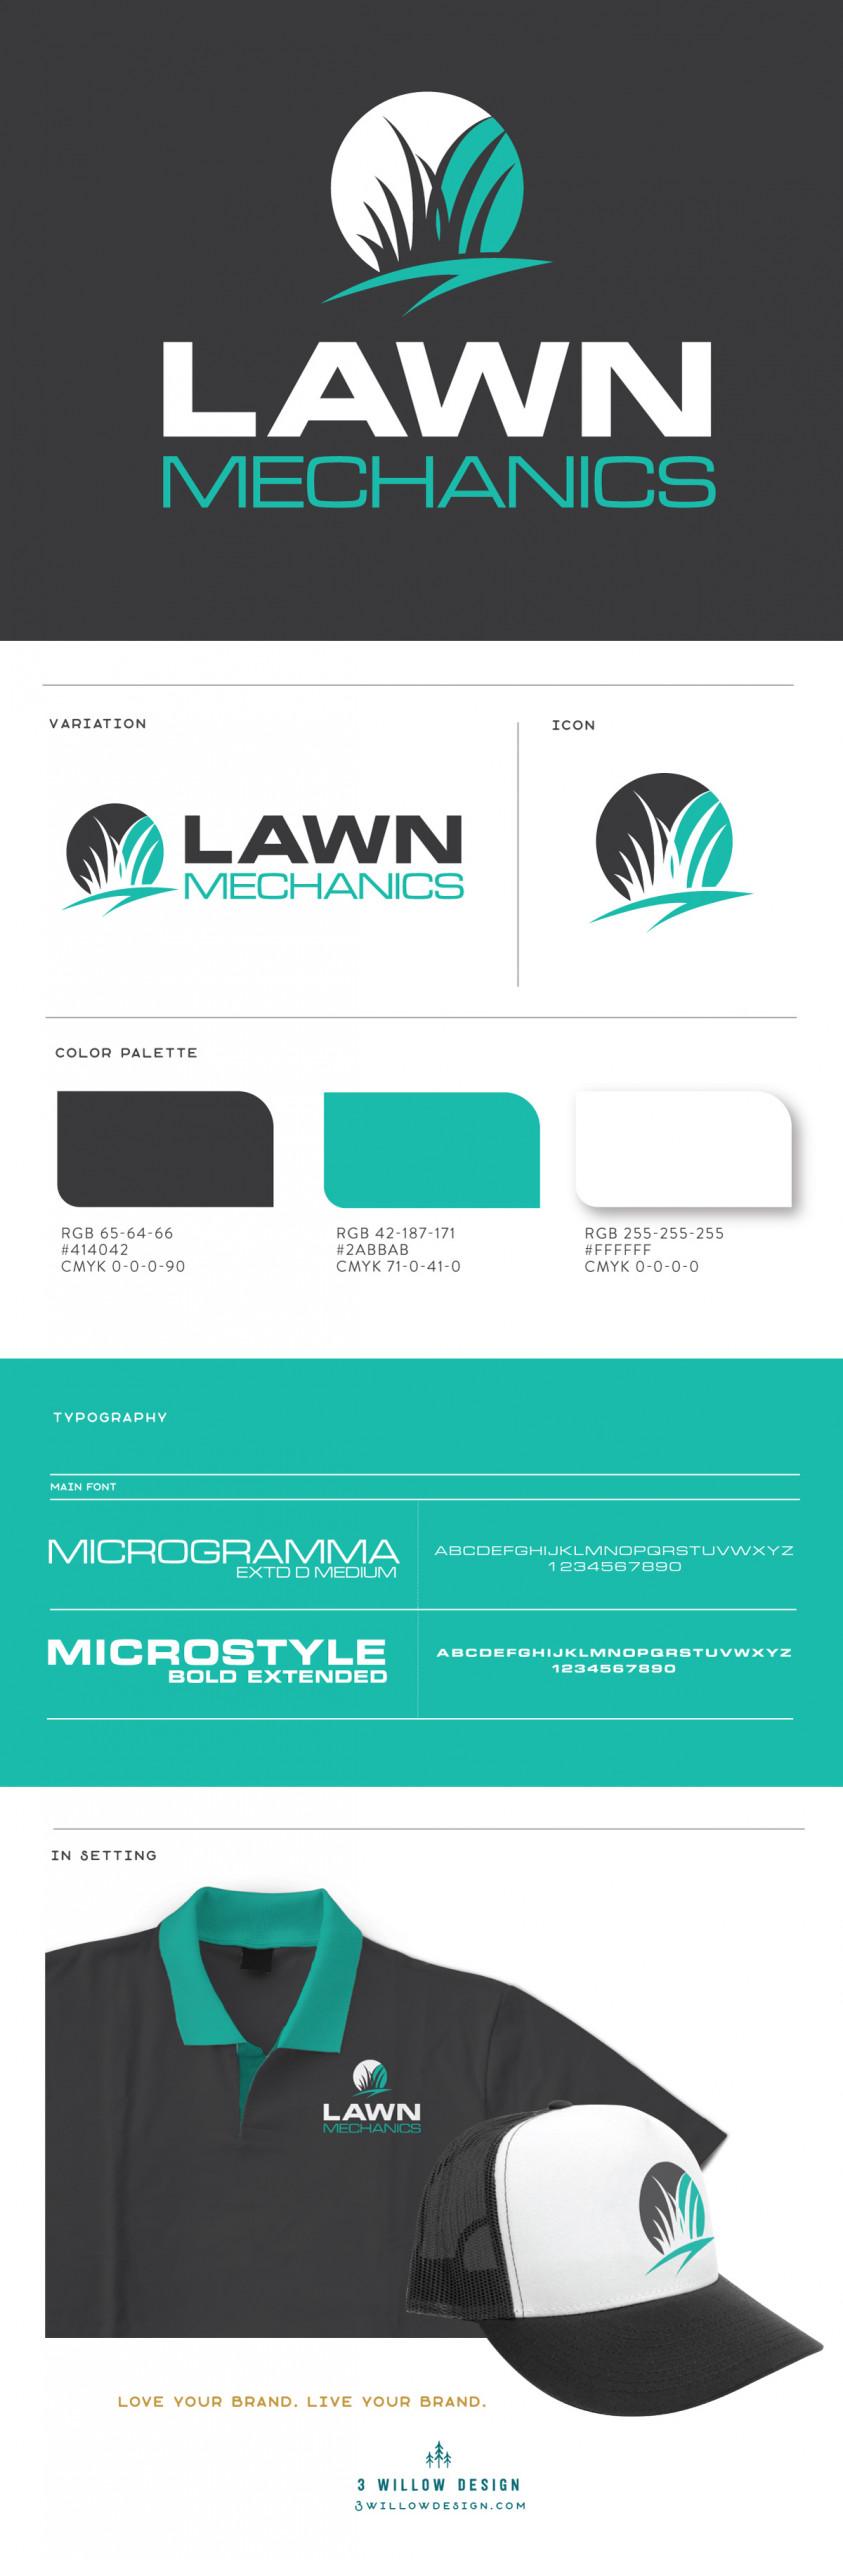 brand board for lawn care company